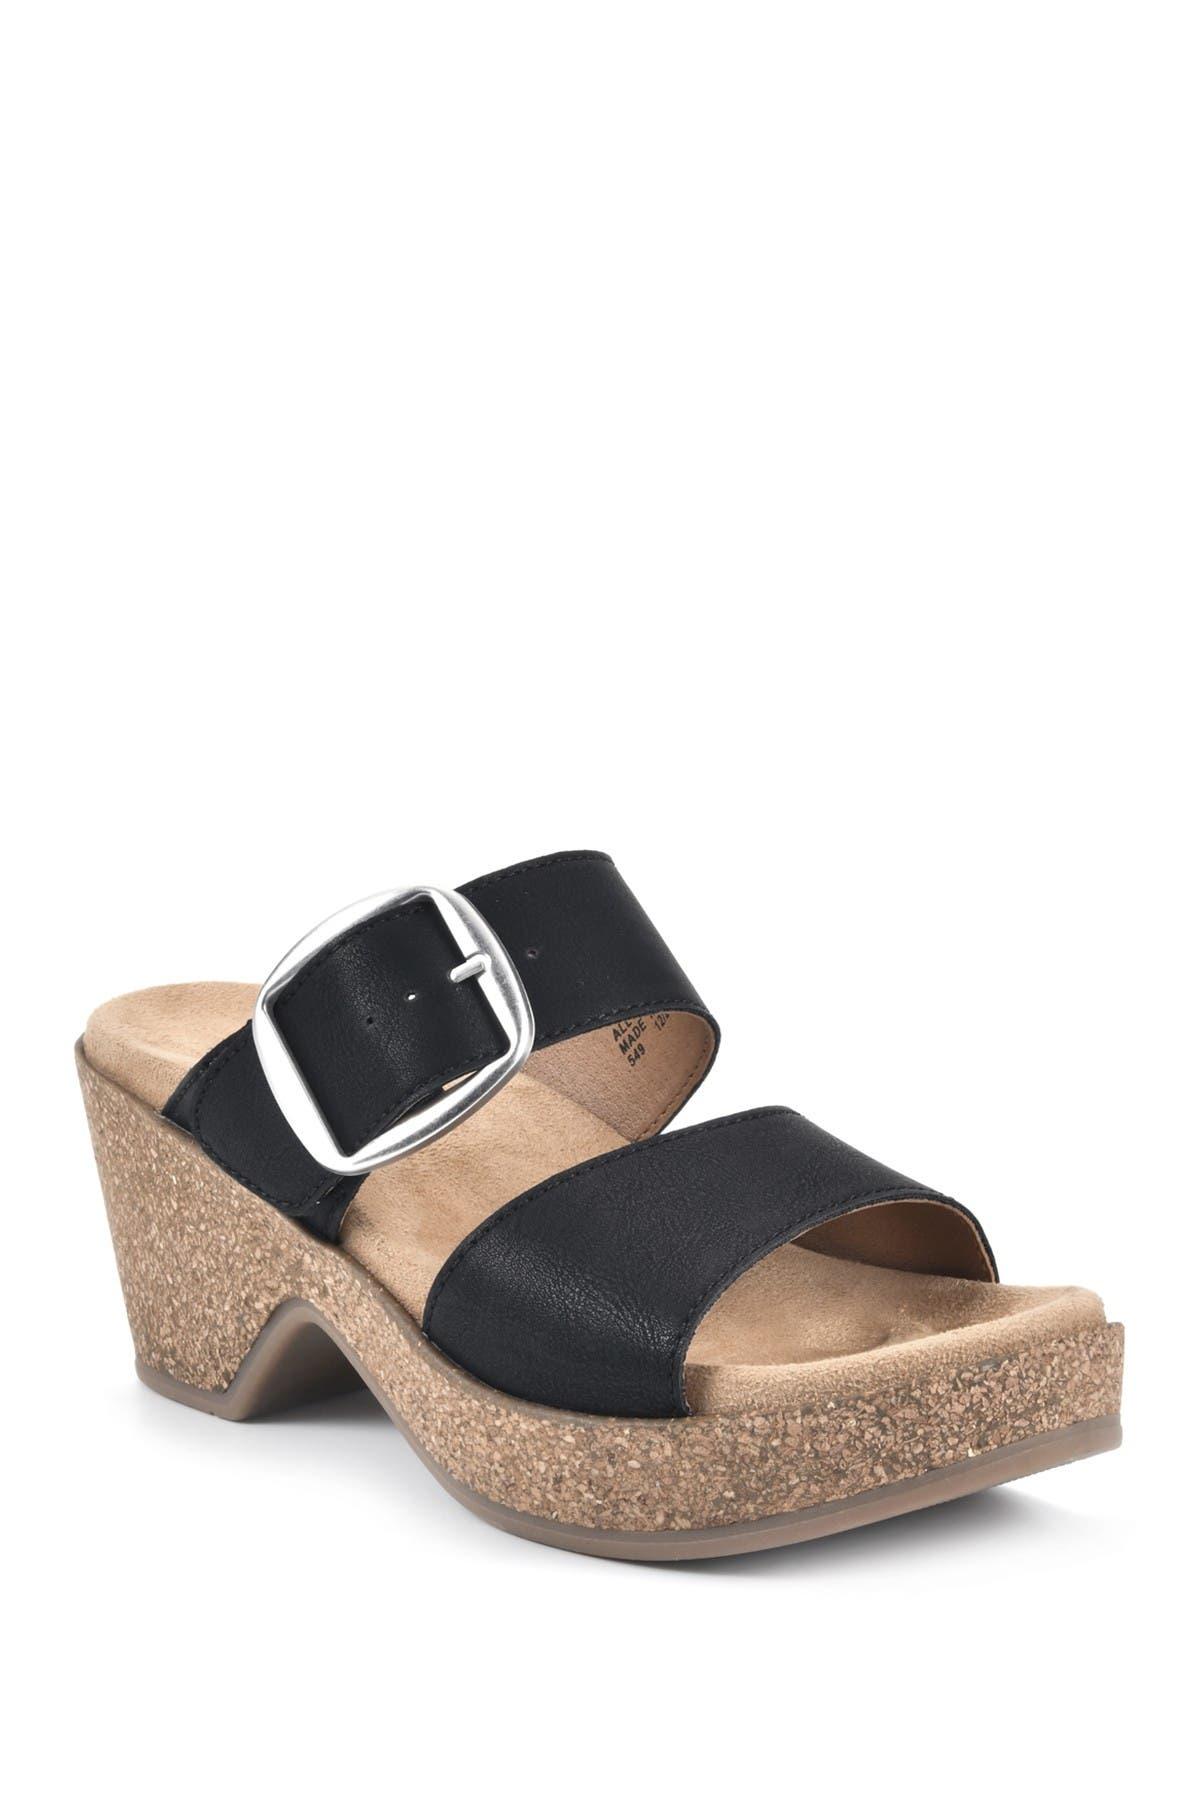 Image of White Mountain Footwear Copious Block Heel Sandal